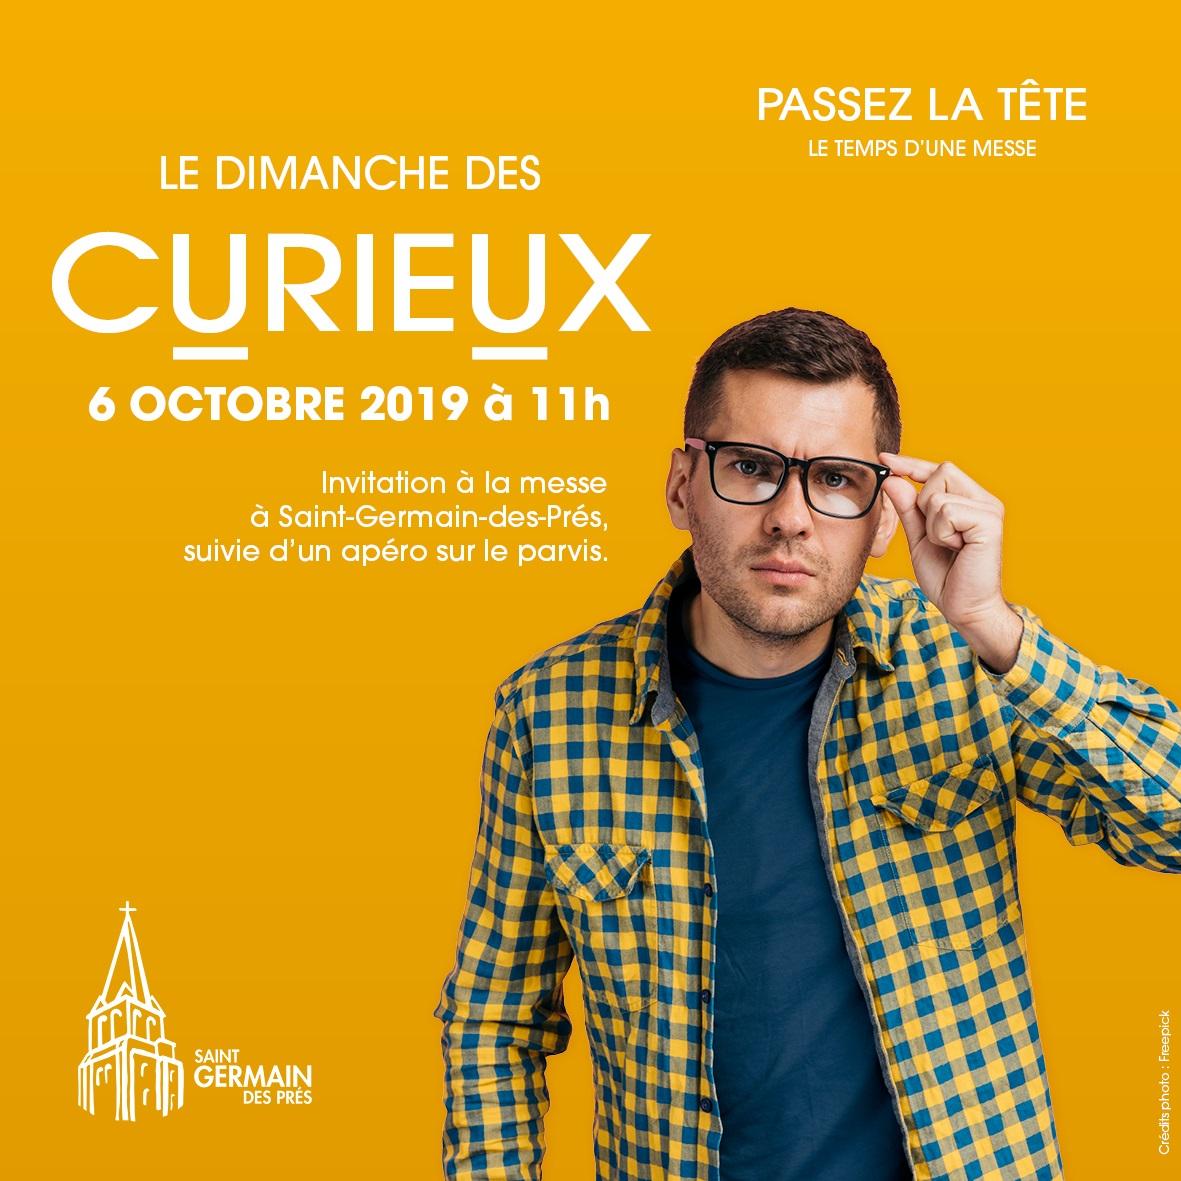 LA MESSE DES CURIEUX